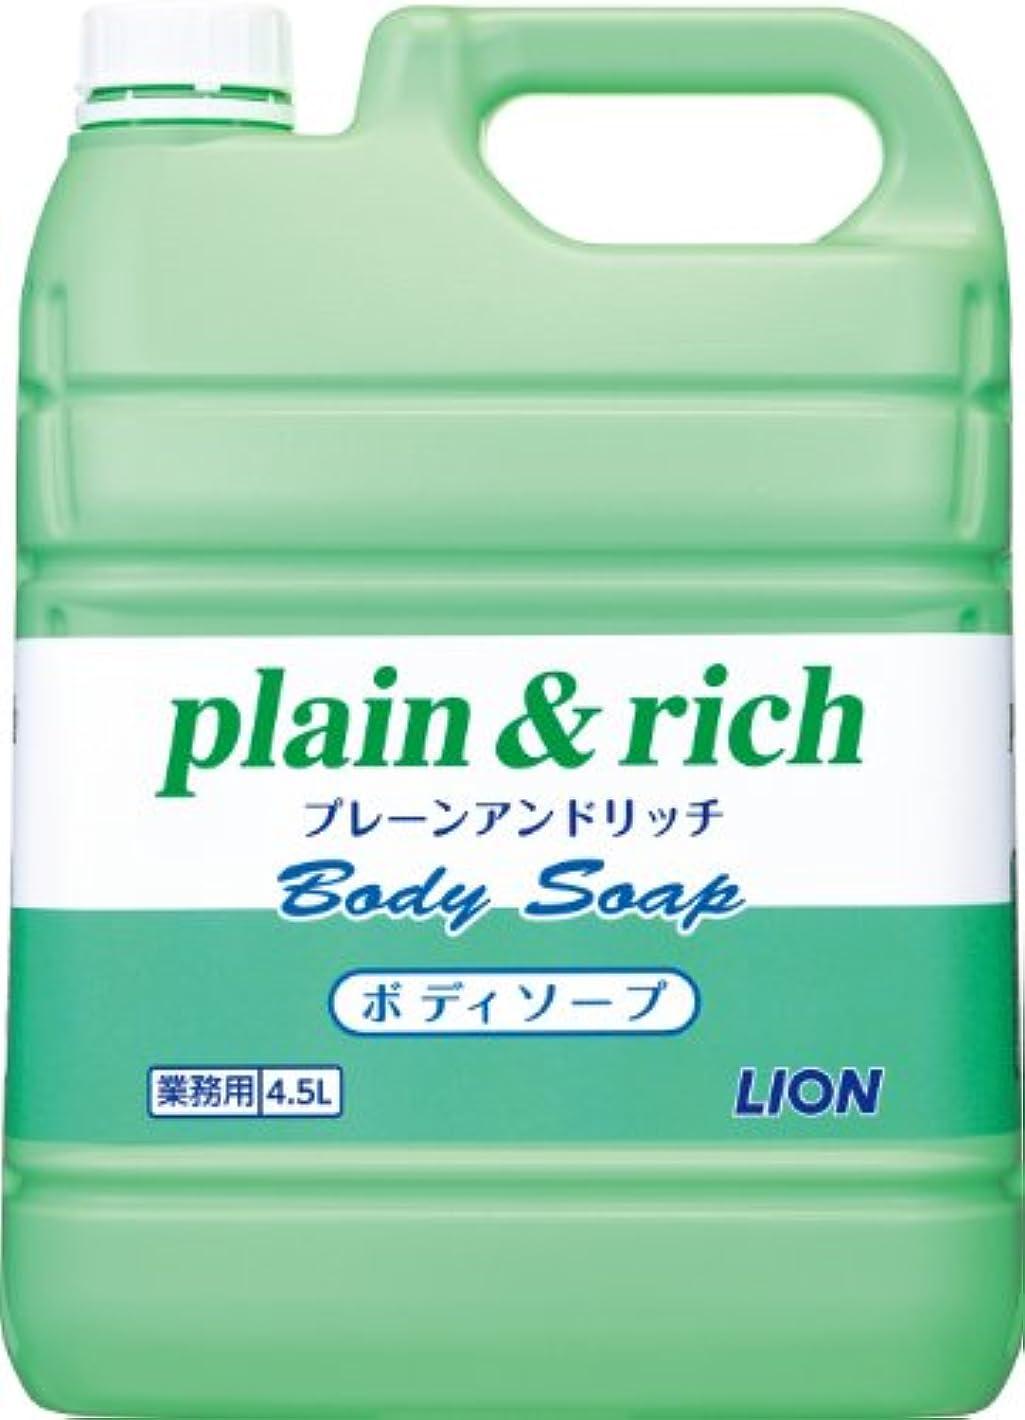 承認する睡眠ハリケーン【業務用 大容量】プレーン&リッチ ボディソープ 4.5L